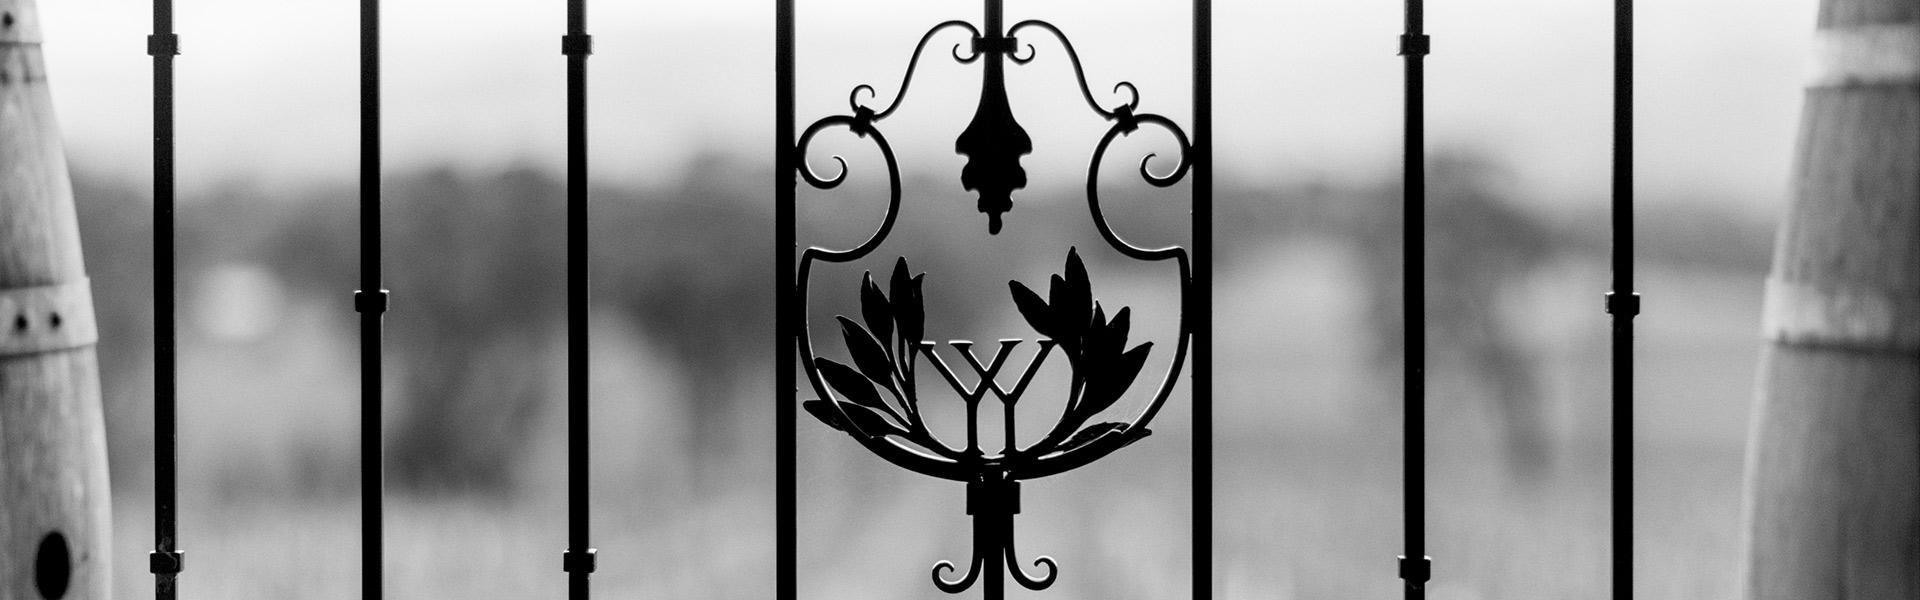 yarra valley wineries membership